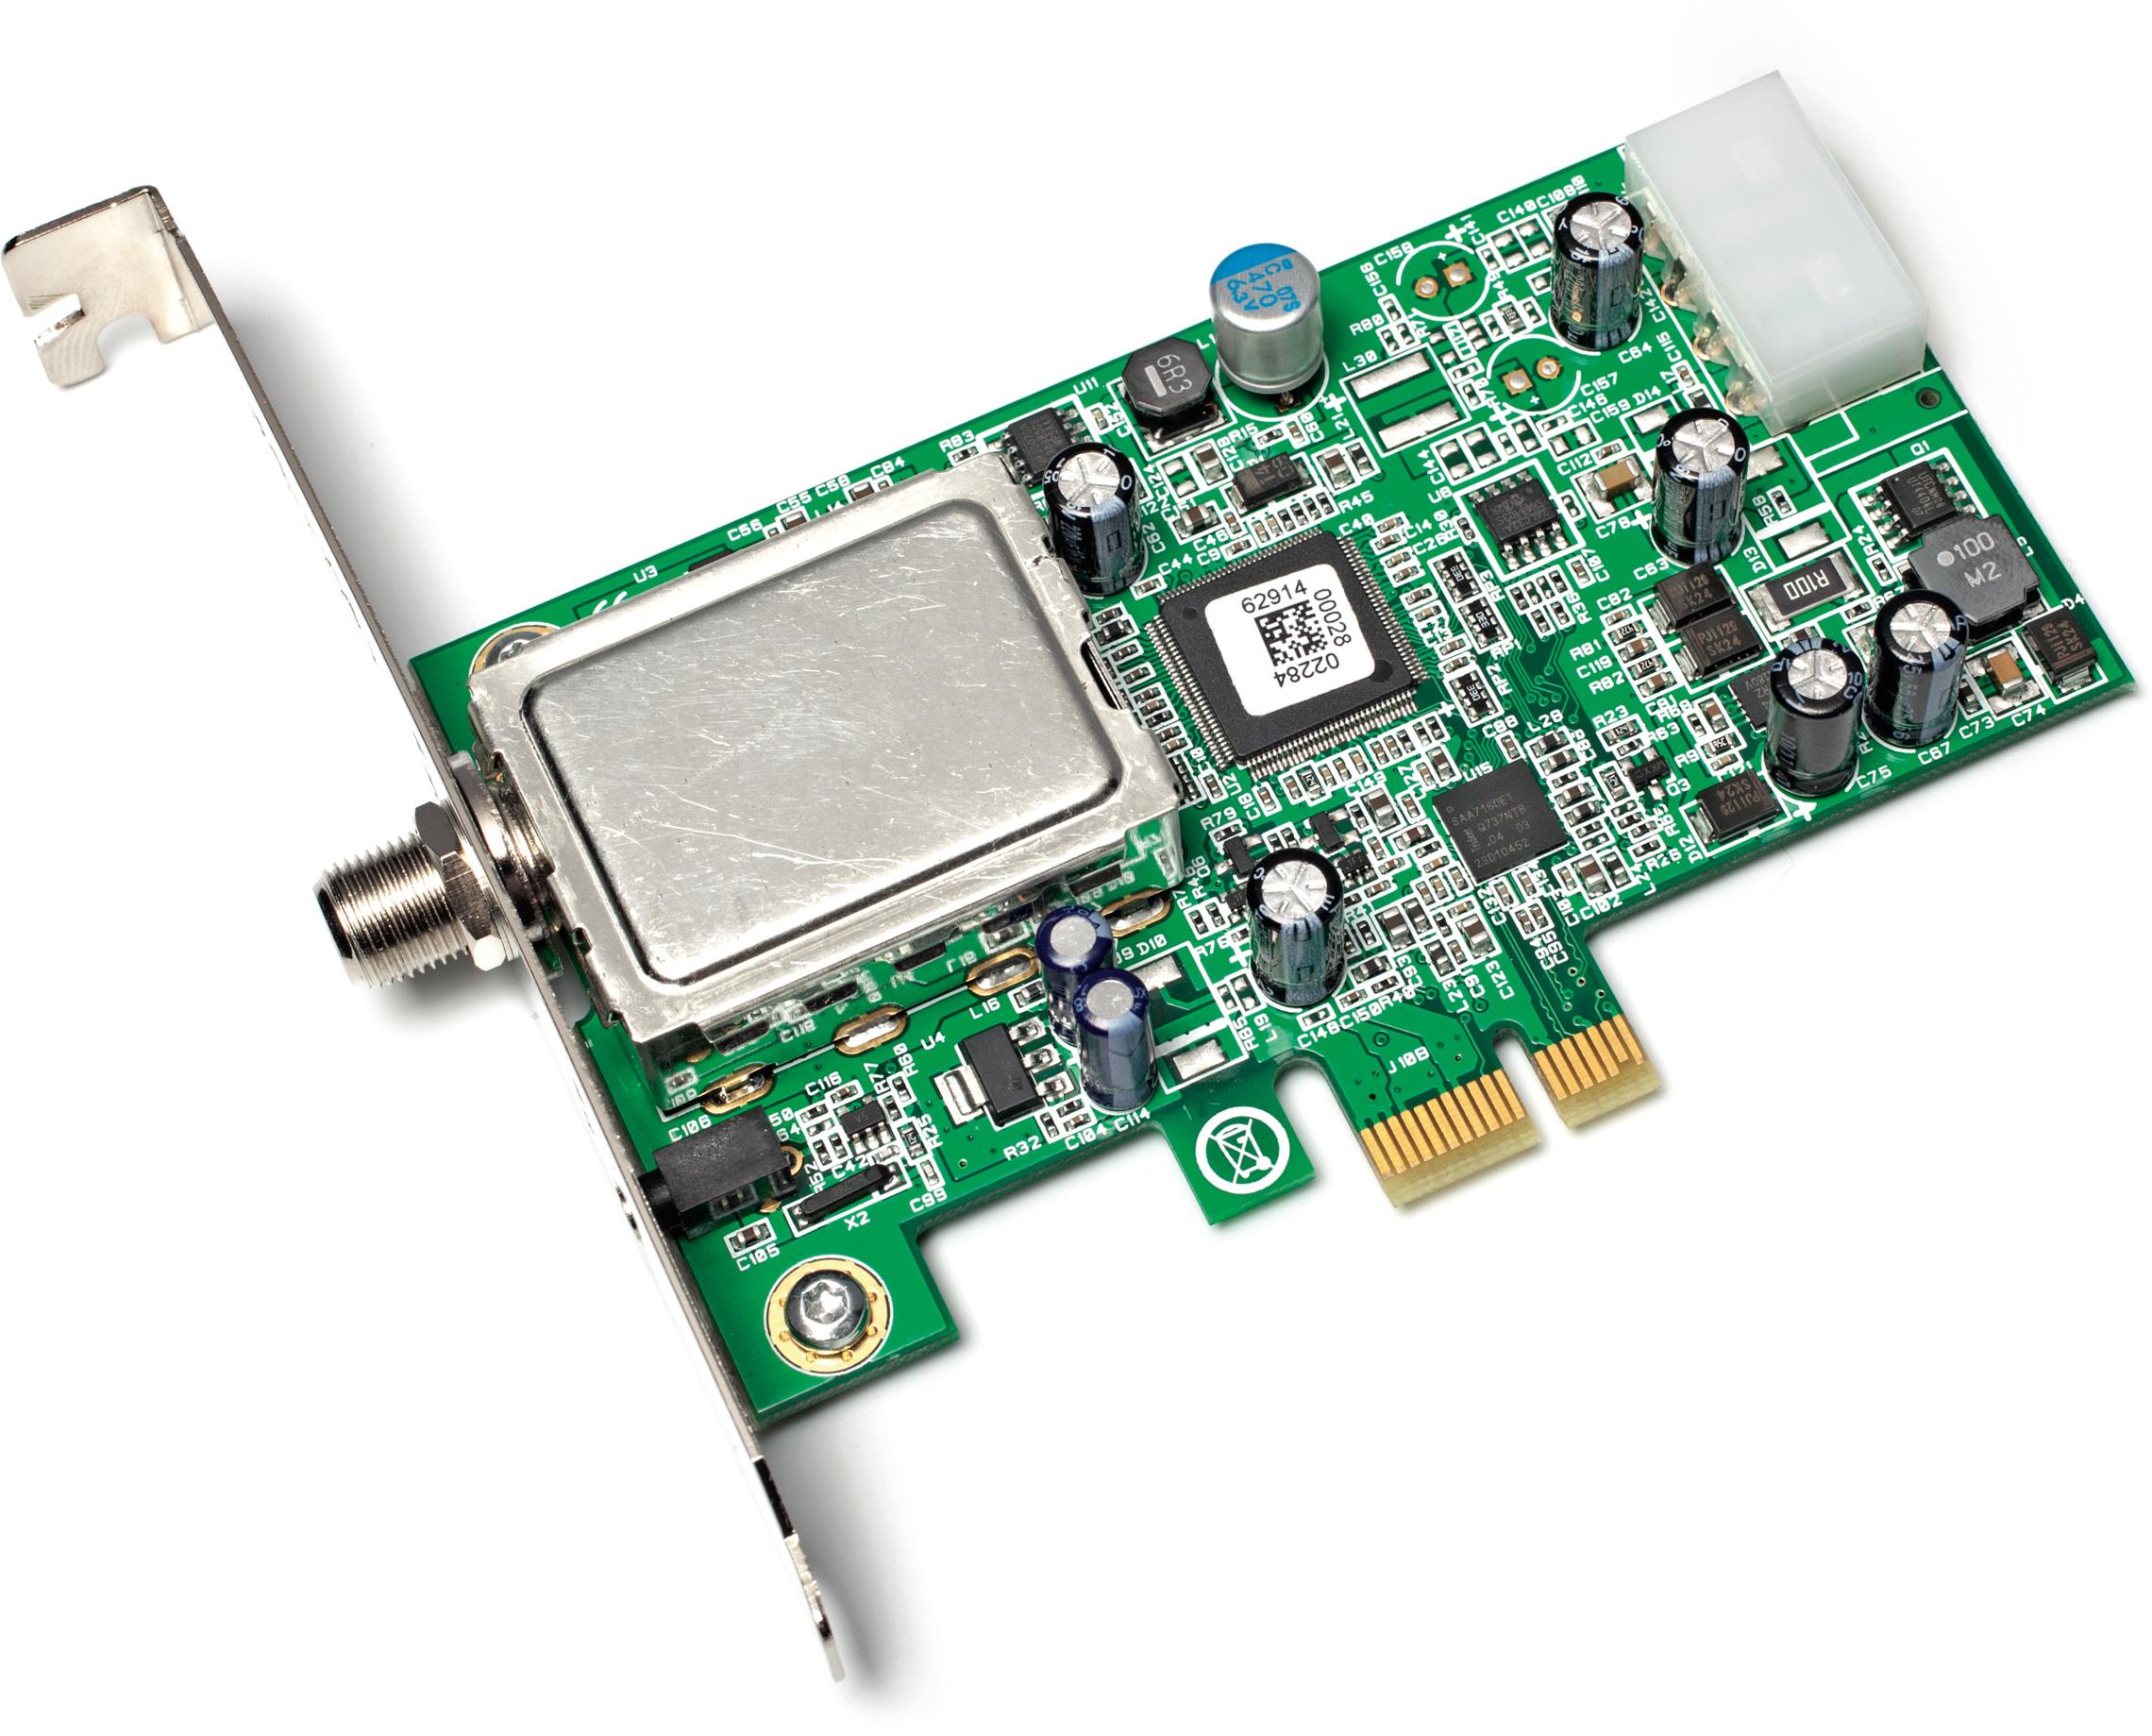 pc karte PCI Express Karte treibt PC Leistungsaufnahme hoch | c't Magazin pc karte